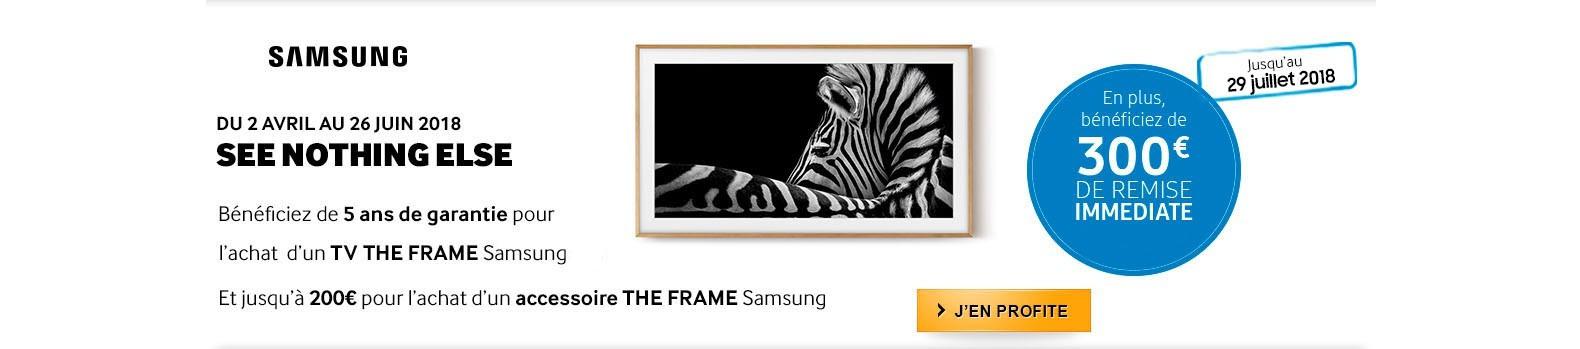 300€ déduits immédiatement pour l'achat d'un TV tableau Samsung The Frame